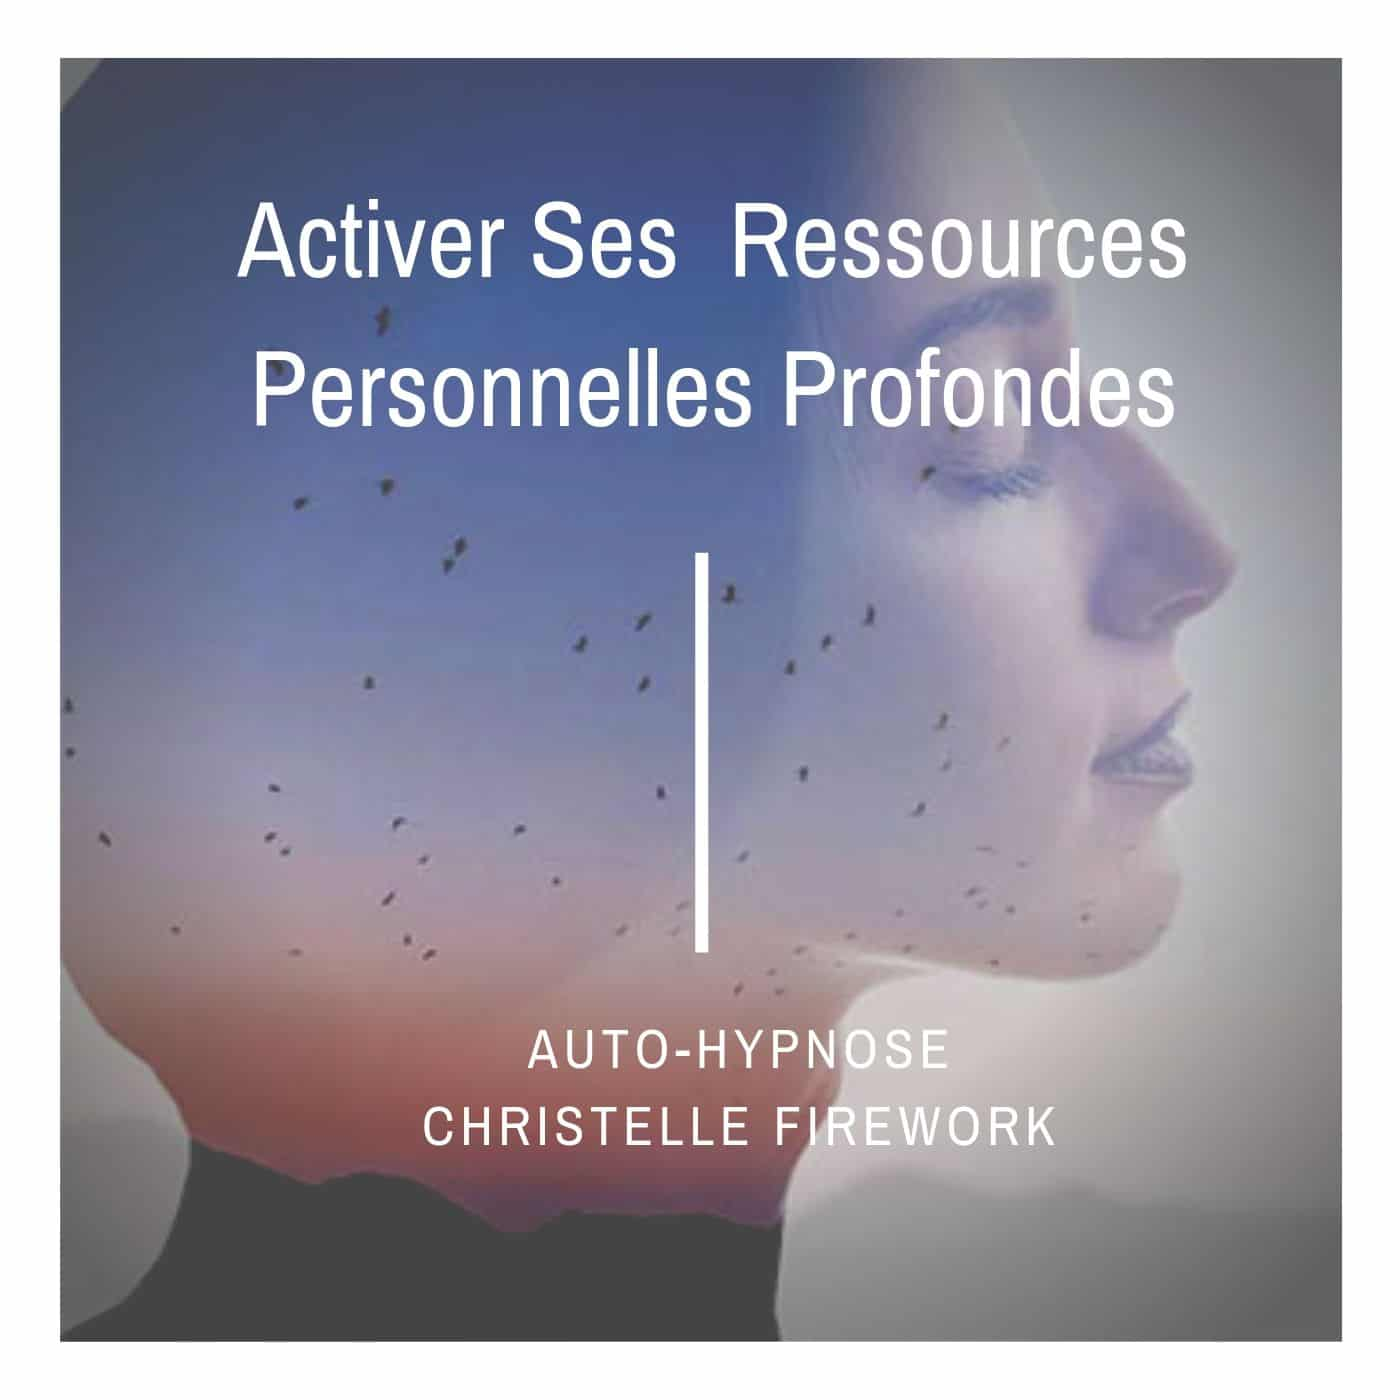 gestion et activation des ressources personnelles profondes Durée : 18'12 mn